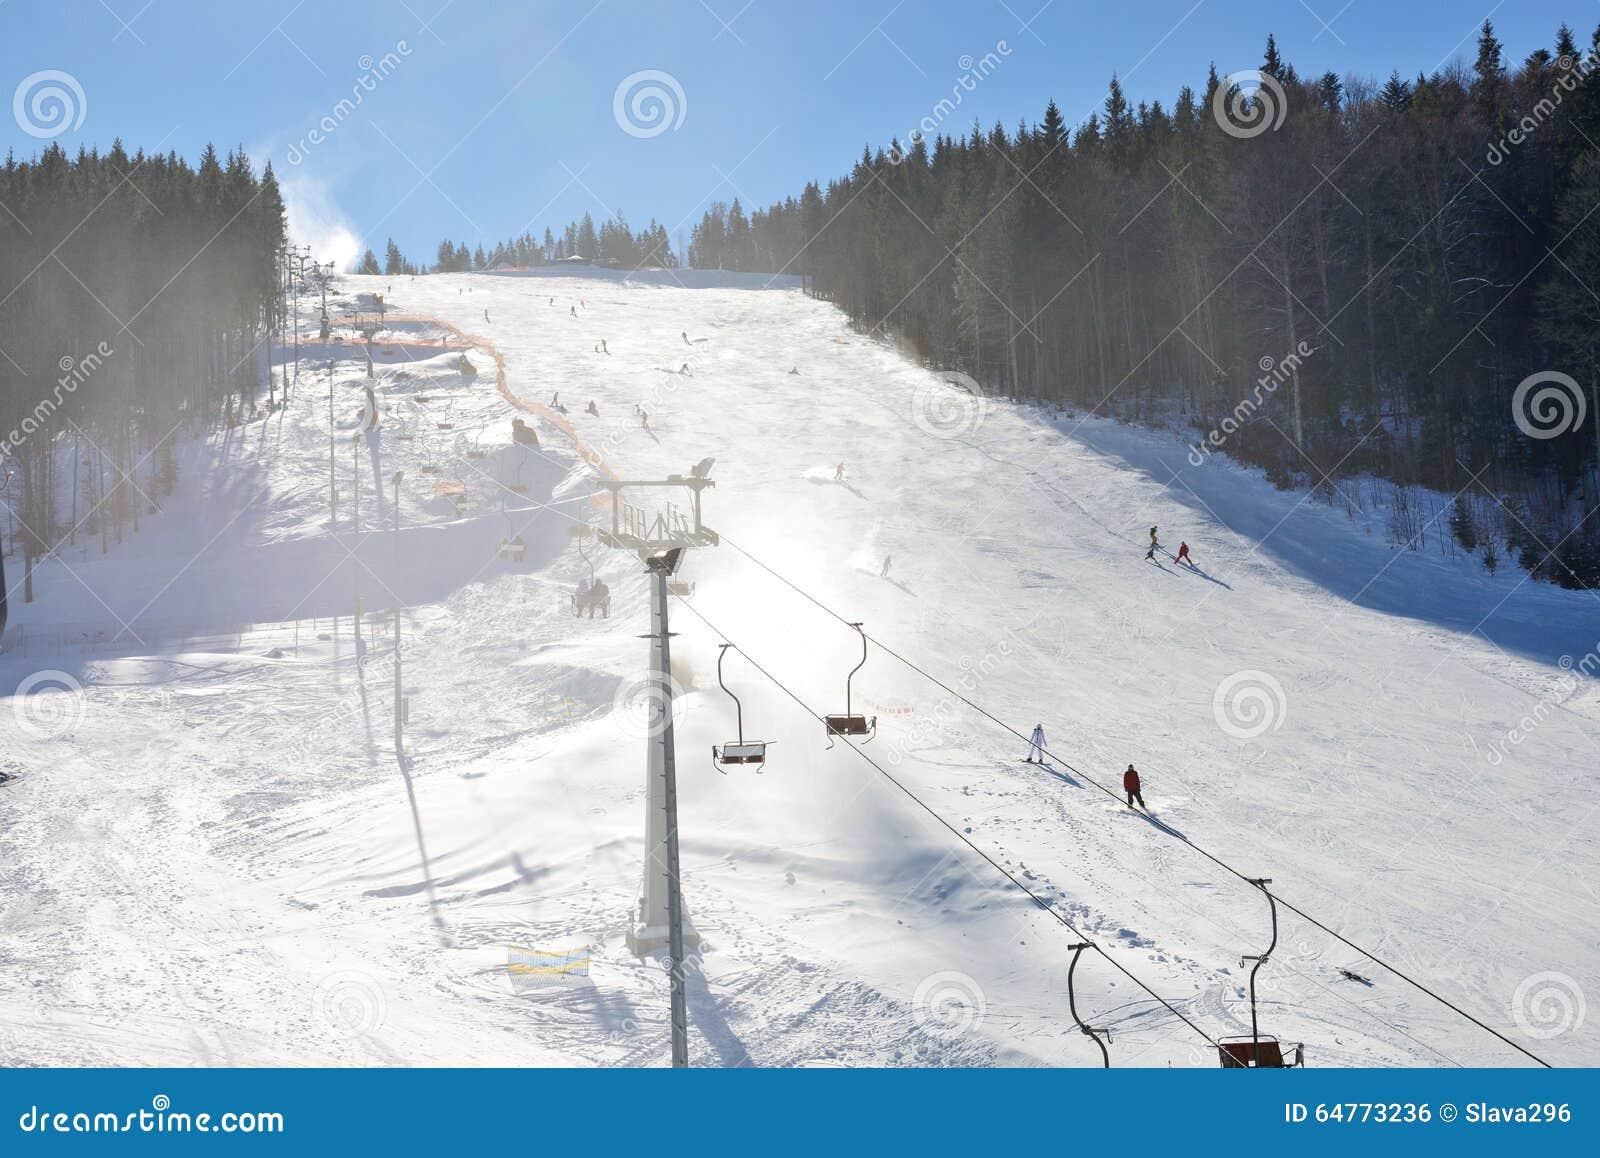 the slope of bukovel ski resort stock photo - image of bukovel, kids